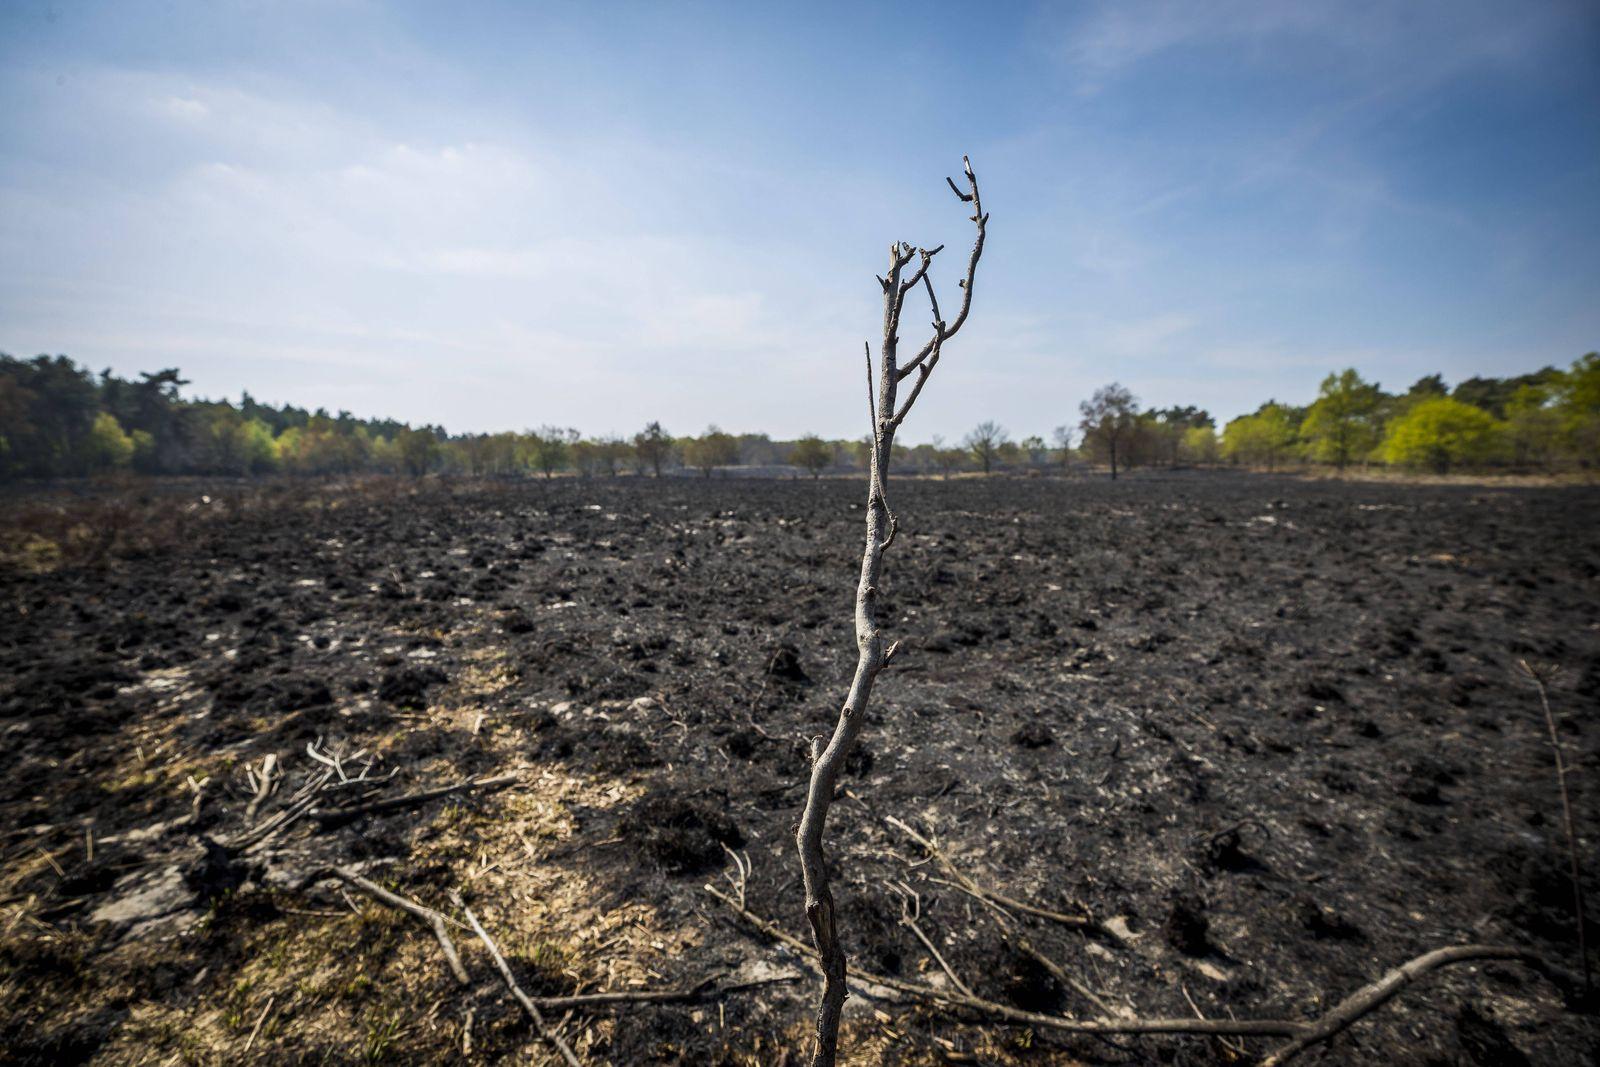 2020-04-24 16:17:47 HERKENBOSCH - Verbrande heide in het natuurgebied de Meinweg waar een grote brand gewoed heeft. ANP